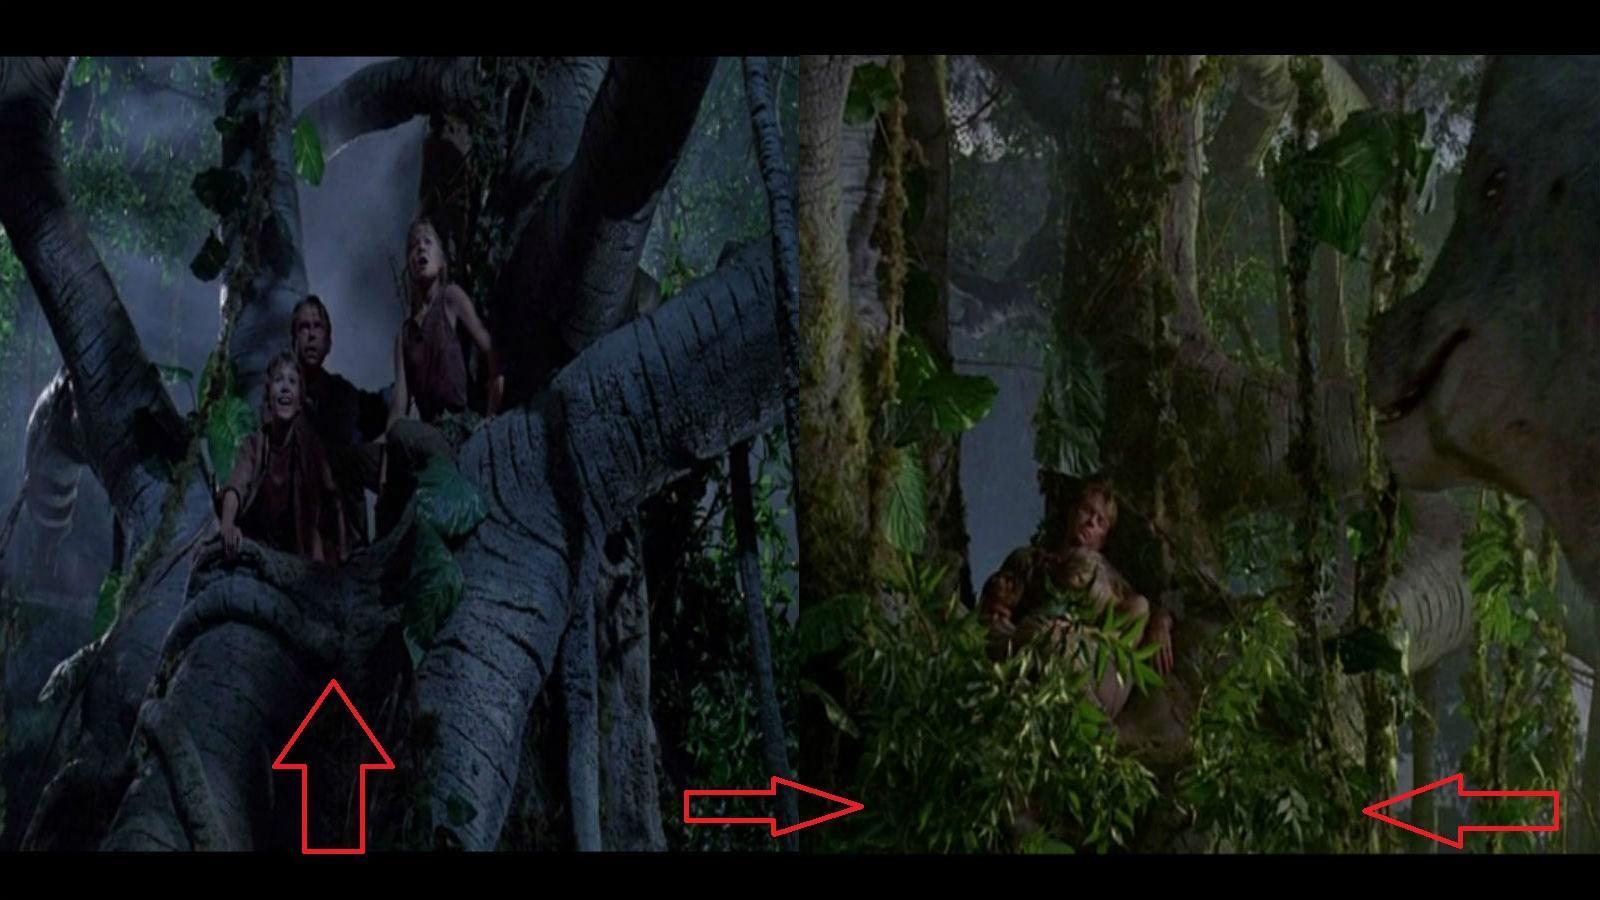 Amikor Tim, Lex és Dr. Grant a magas fán ülnek, felbukkan egy nagy dinoszaurusz. Lehúznak pár nagy ágat és megetetik a jelenetben. De amikor még másznak felfelé, nincs ott a dinó eledel. (Universal Pictures)